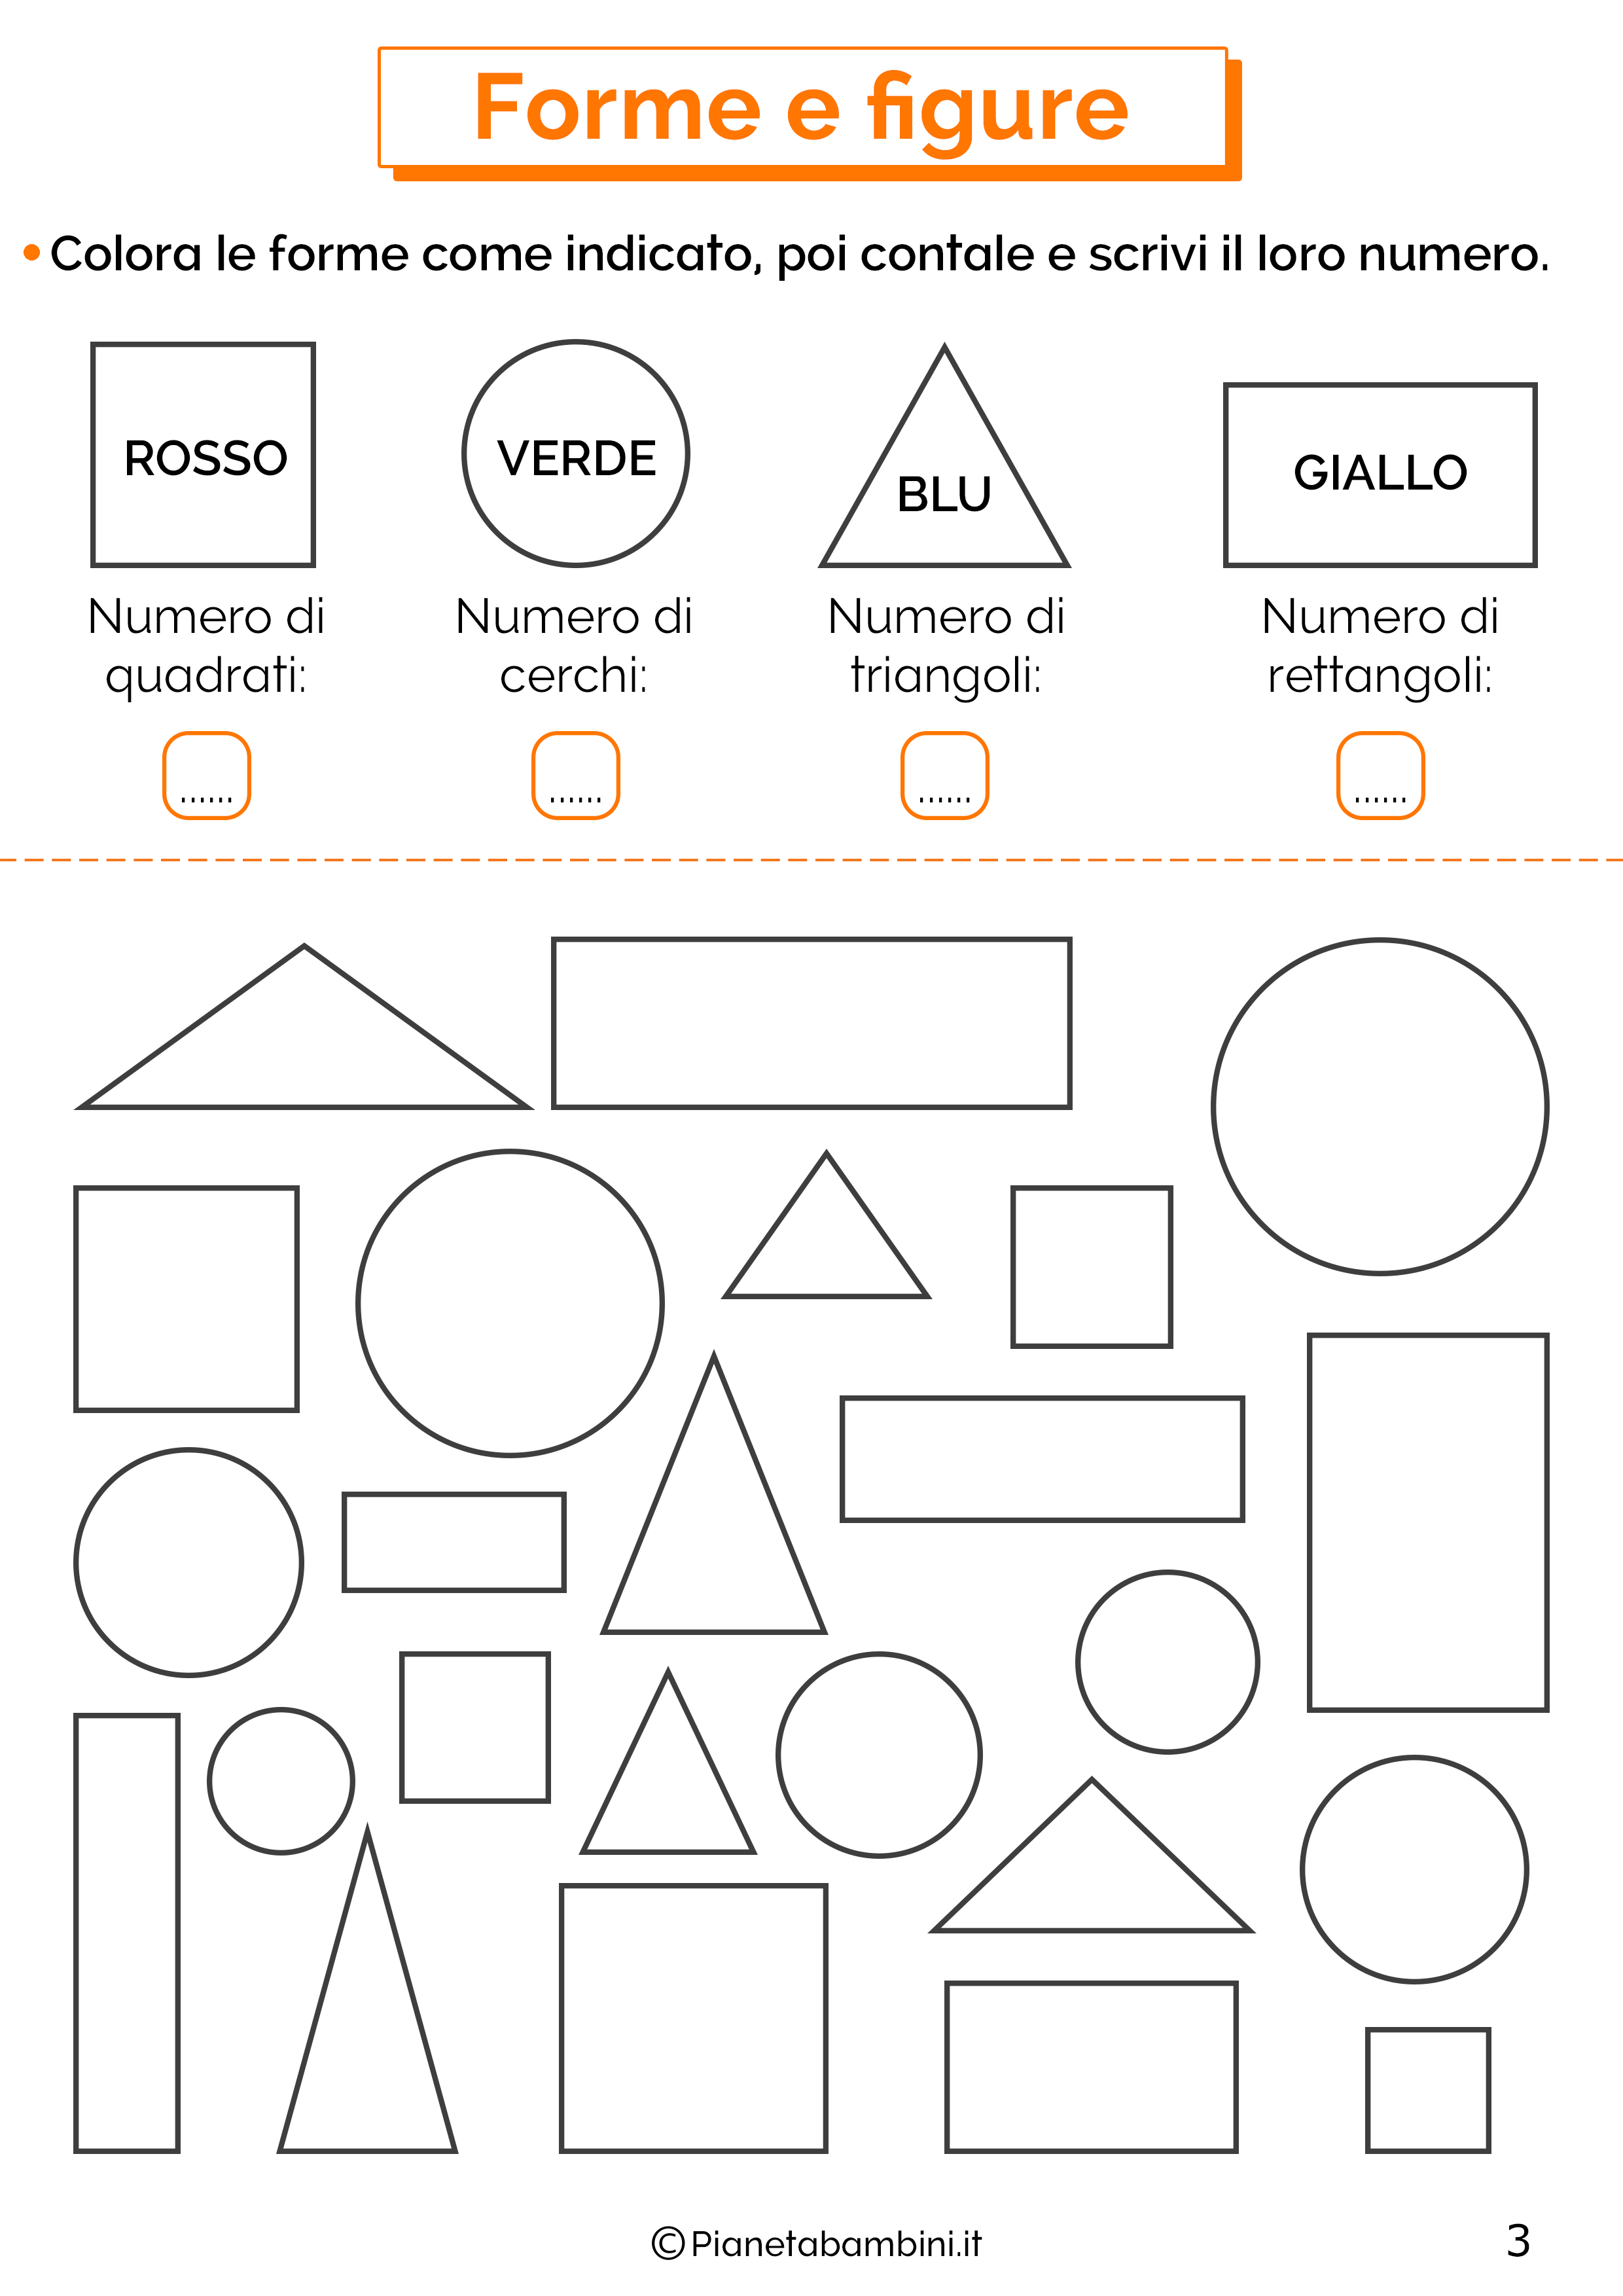 Esercizi su forme e figure 3